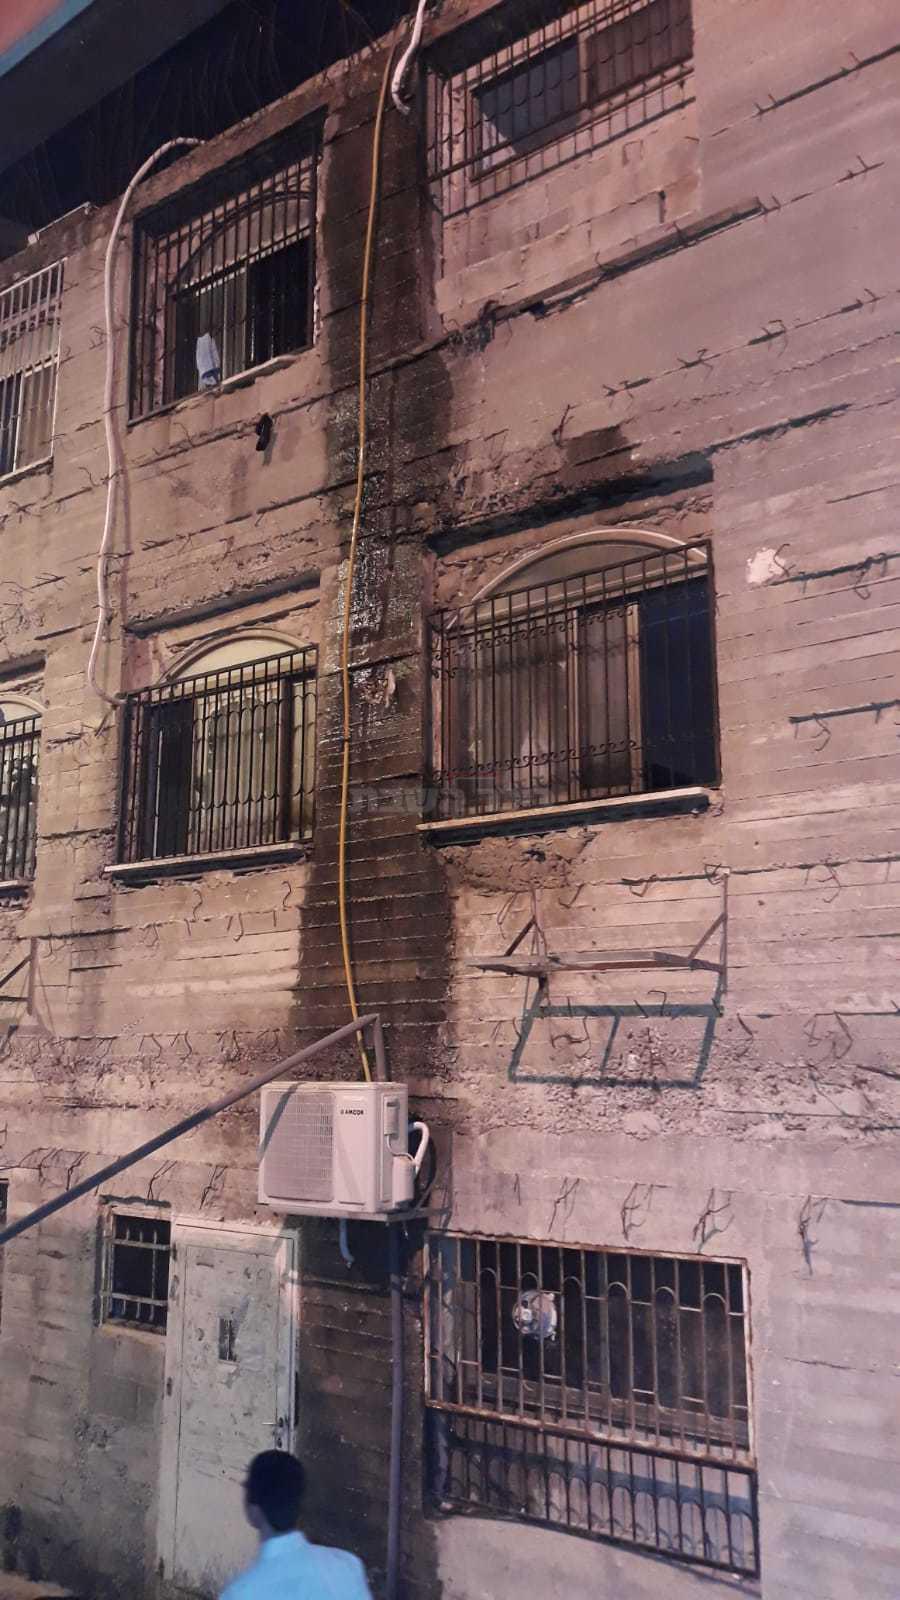 הקיר ממנו נפל הבחור (צילום: קבוצת שטח בוער)